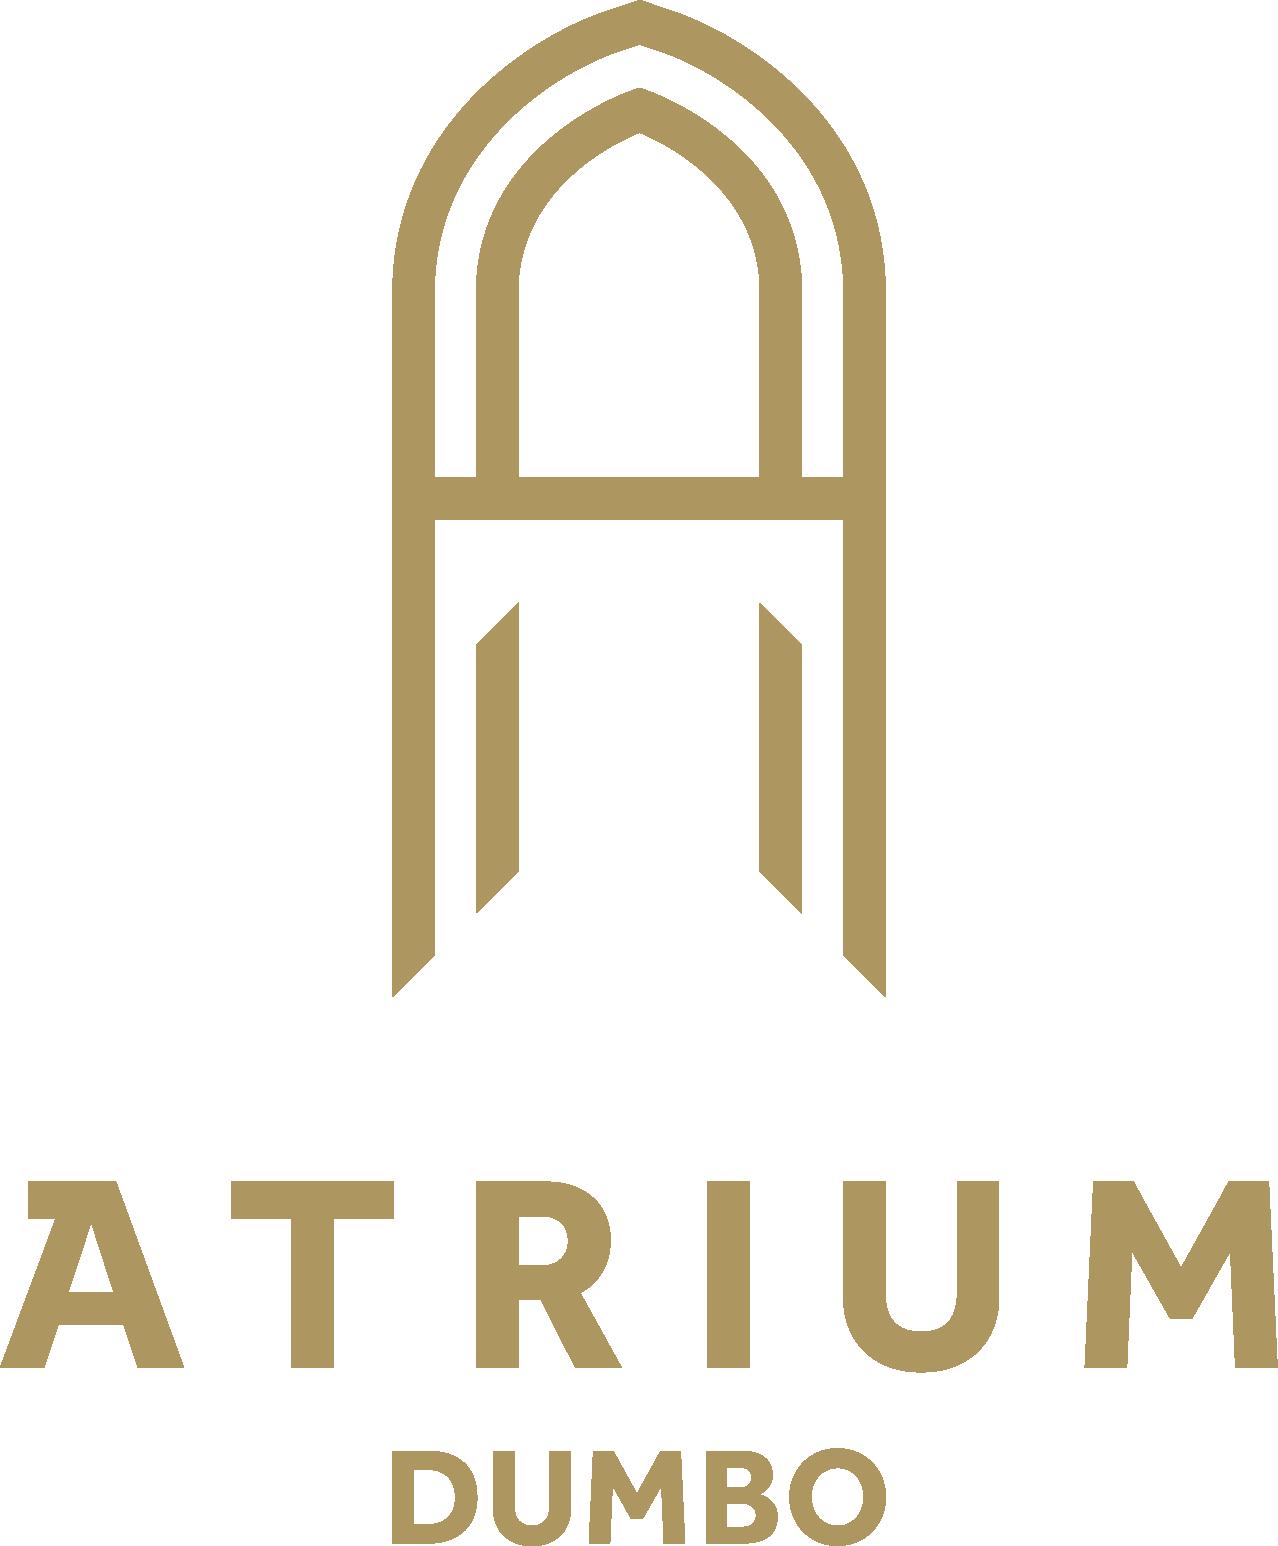 Atrium DUMBO Logo